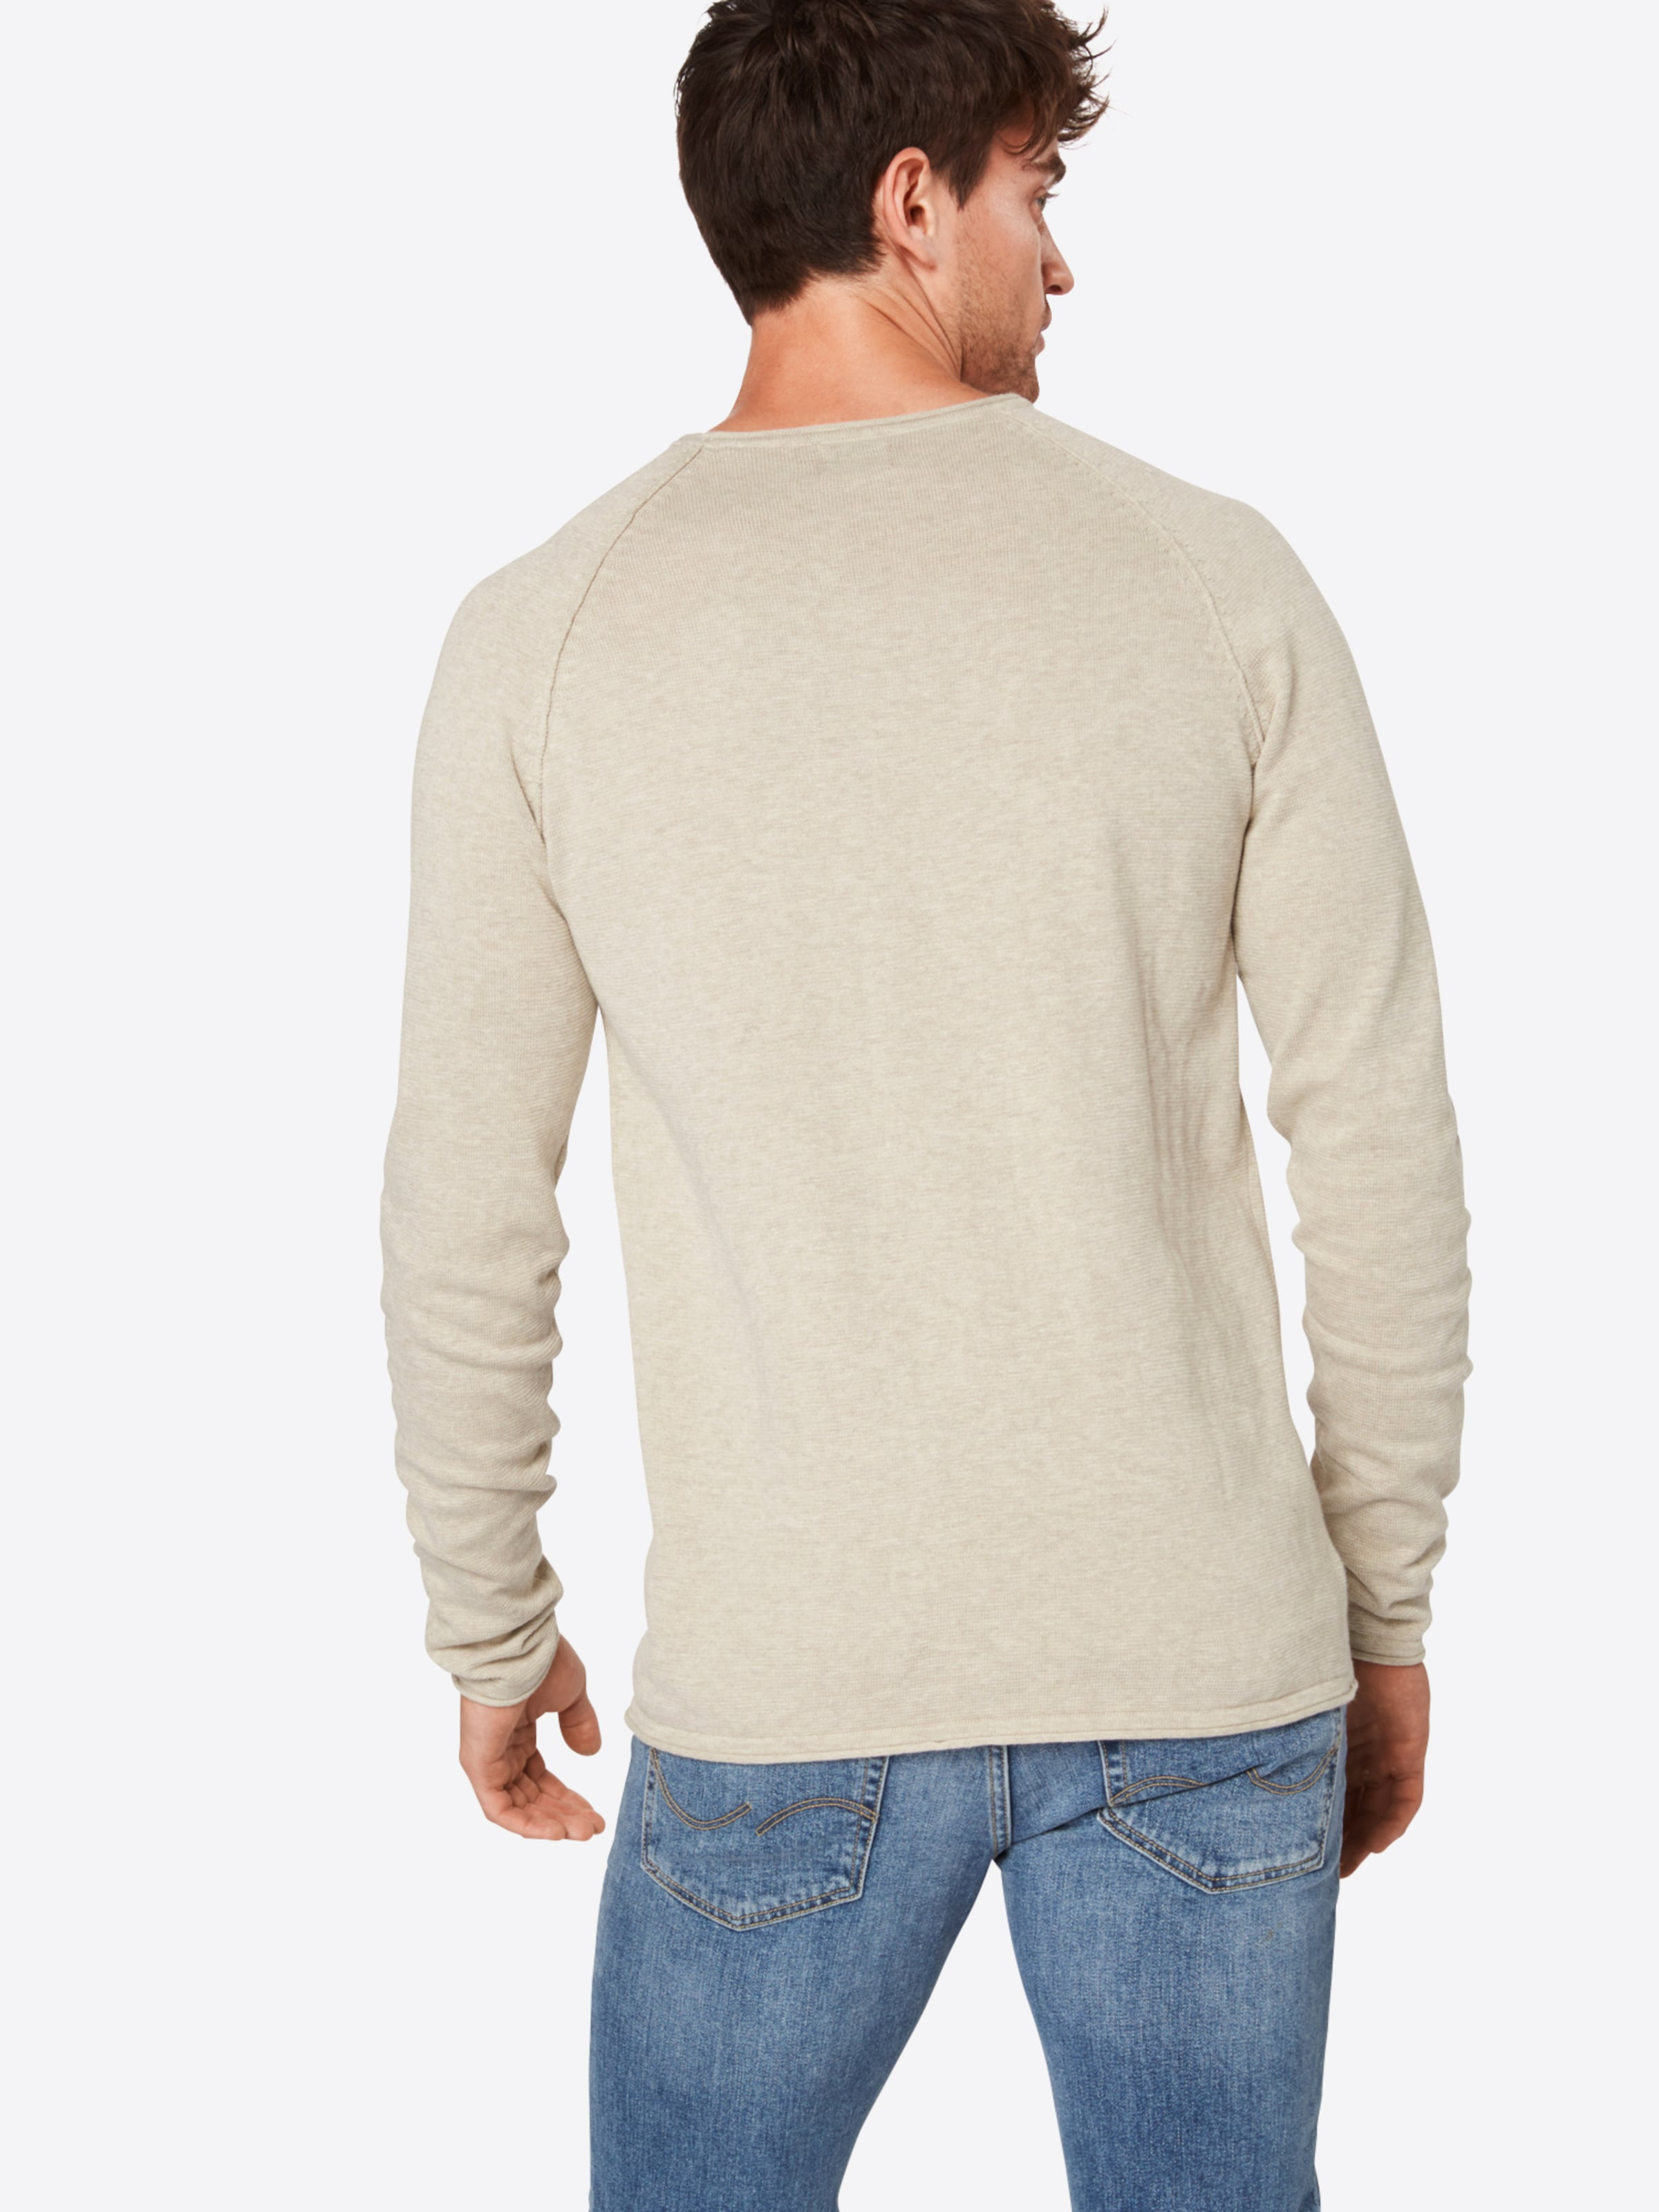 Pullover Beige Jones Jones In Pullover In Jackamp; Jackamp; 2WI9HED